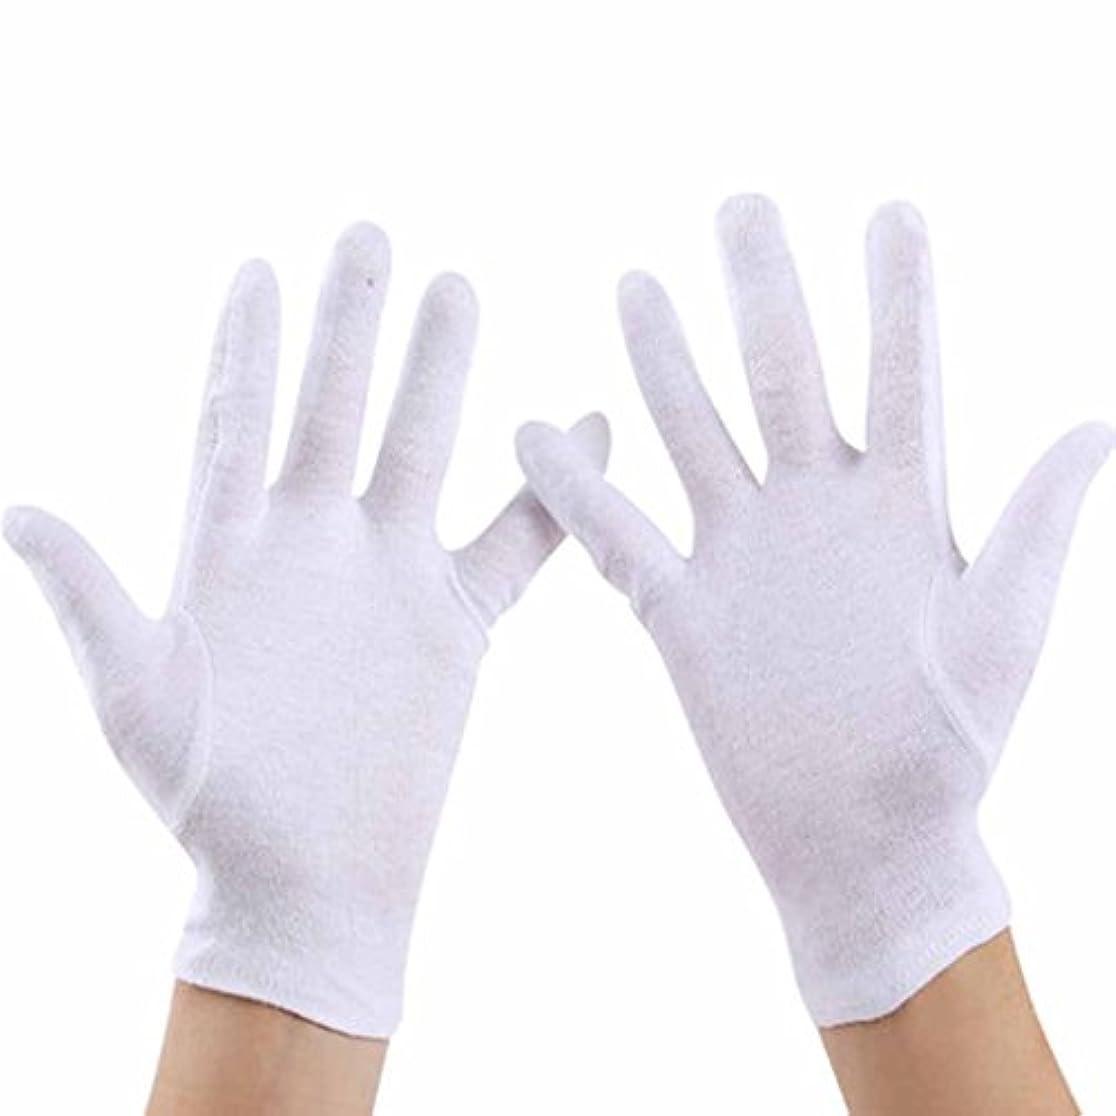 目覚める水雹使い捨て手袋 ホワイトエチケットコットン手袋、快適で 吸収性手袋 (Size : L)